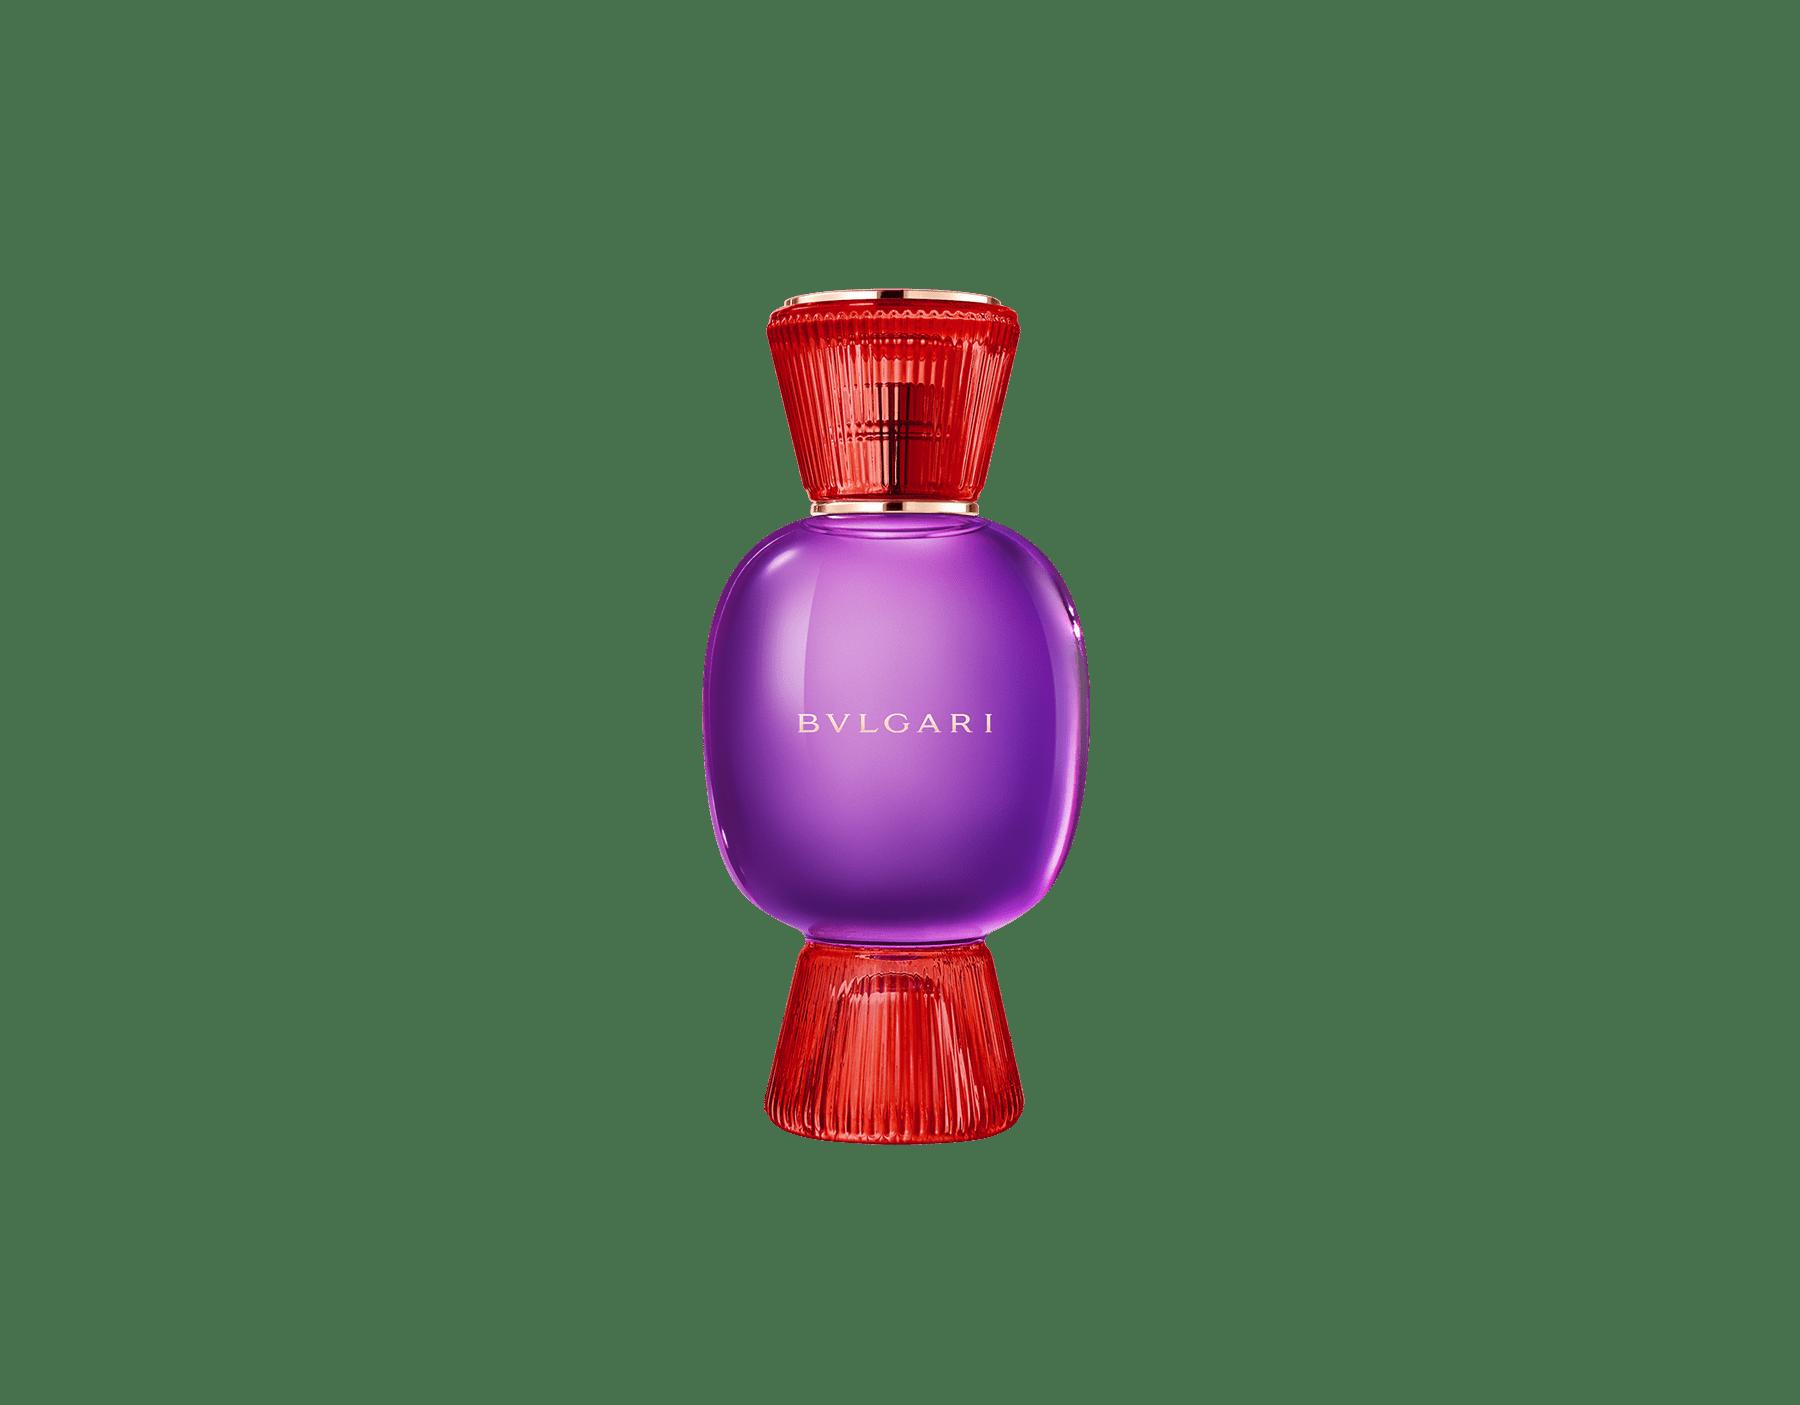 Эксклюзивный парфюмерный набор, вам под стать – такой же смелый и уникальный. В сочетании ярких шипровых нот парфюмерной воды Fantasia Veneta Allegra и роскошной бархатистой эссенции Magnifying Rose рождается неотразимый женский аромат с индивидуальным характером. Perfume-Set-Fantasia-Veneta-Eau-de-Parfum-and-Rose-Magnifying image 2